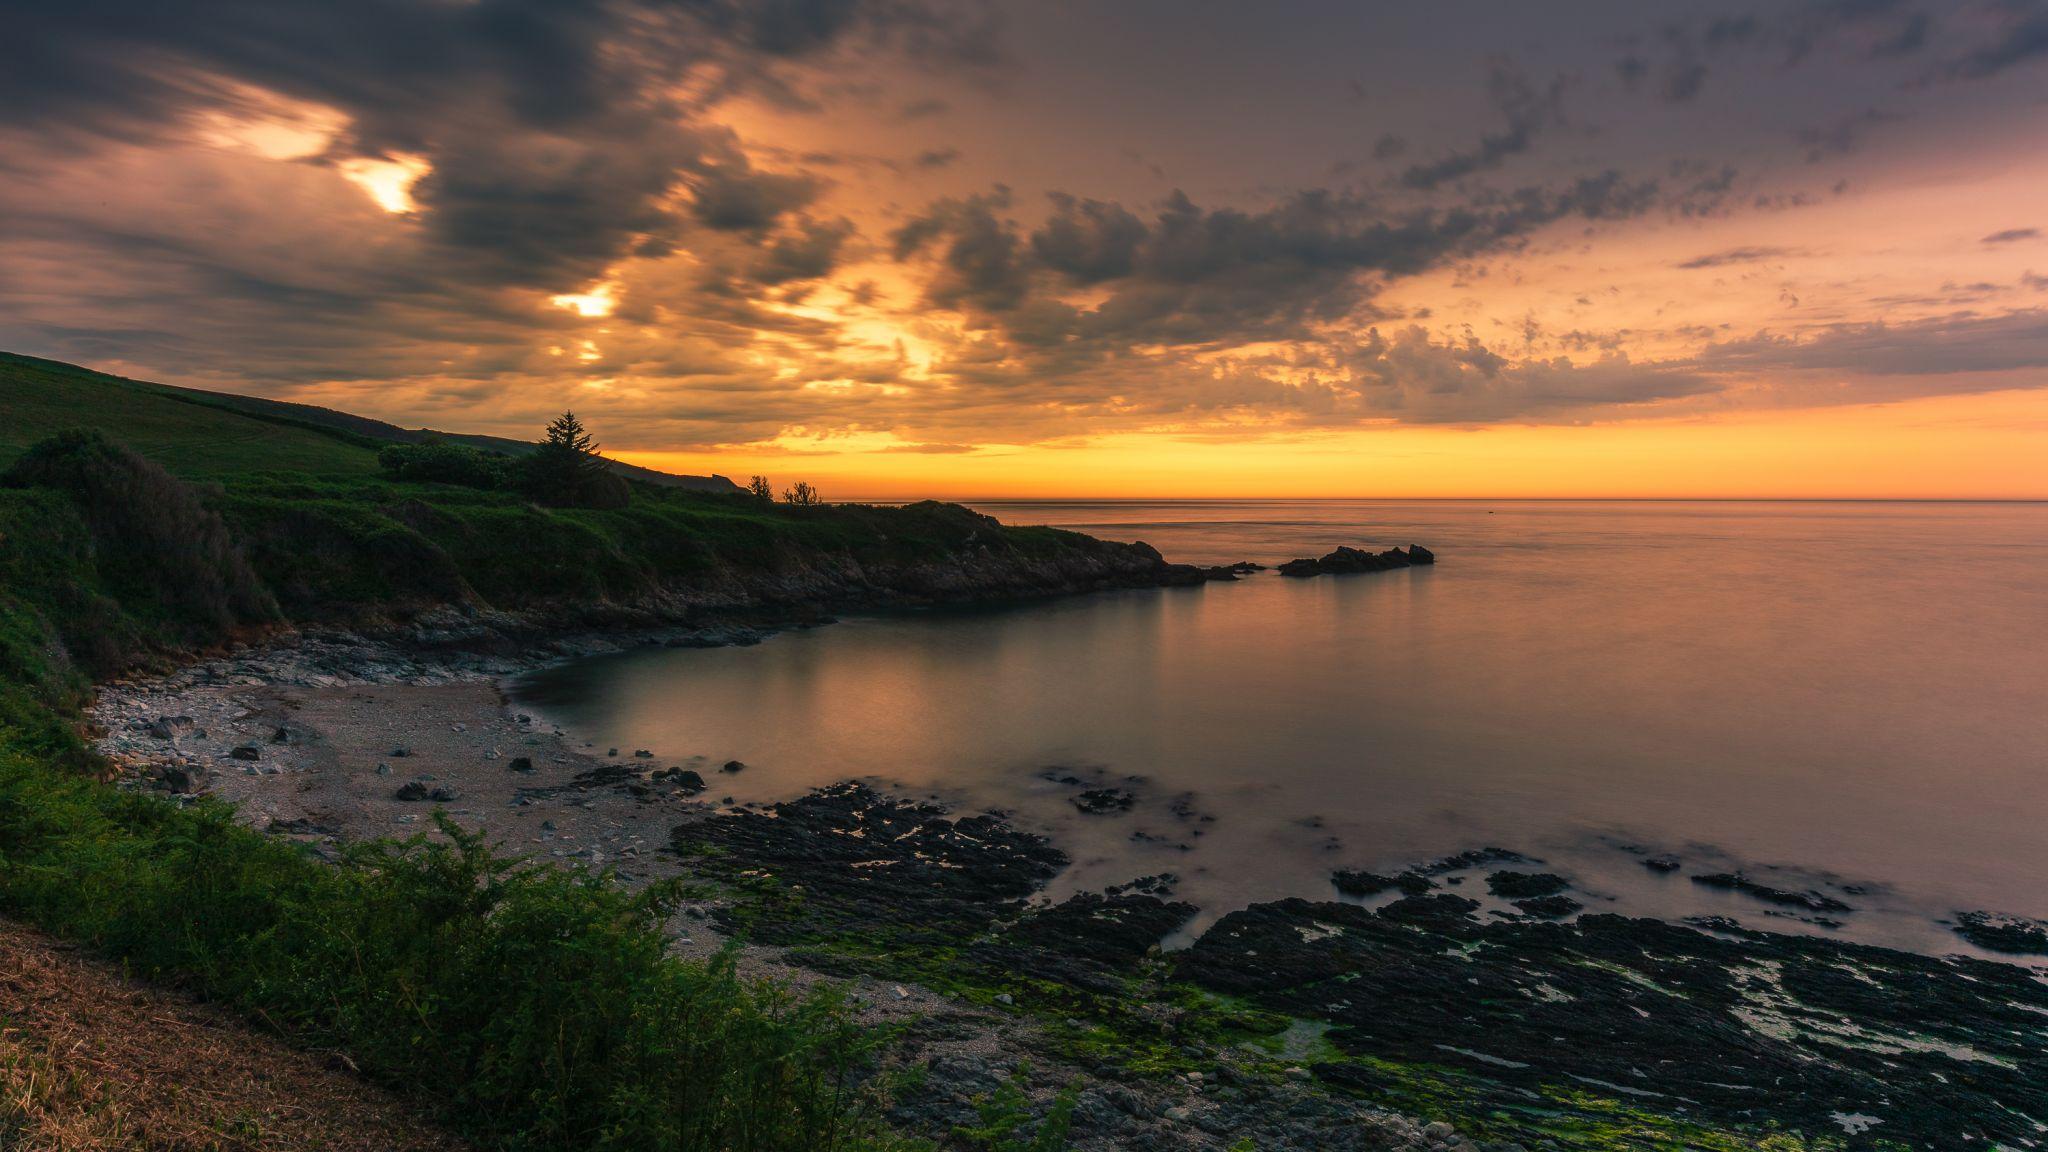 Baie de Quervière, sunset, France